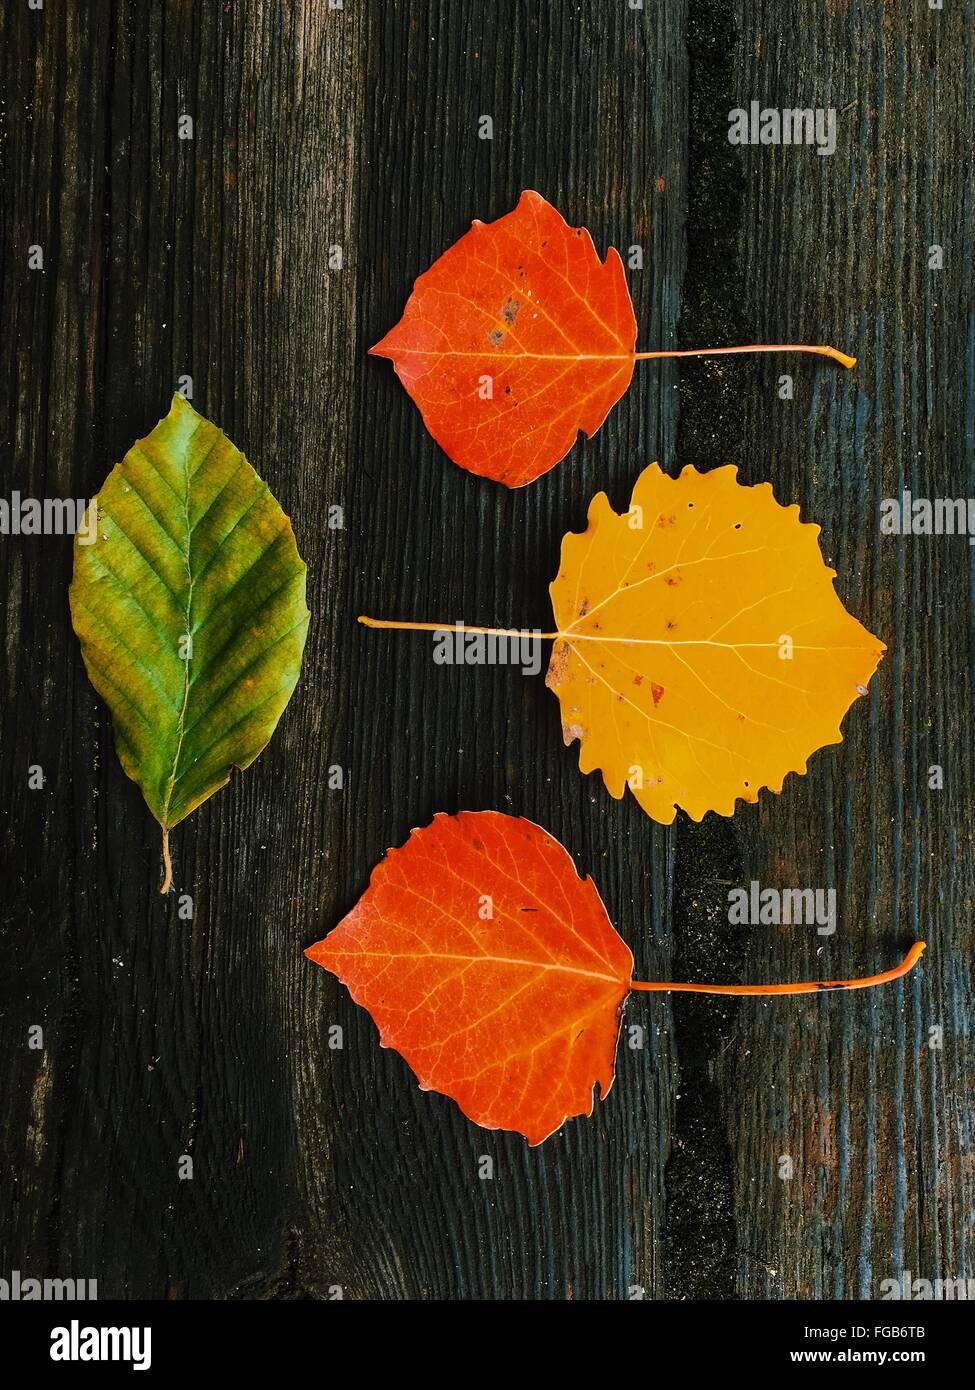 Un alto ángulo de visualización de hojas de otoño en la tabla Imagen De Stock